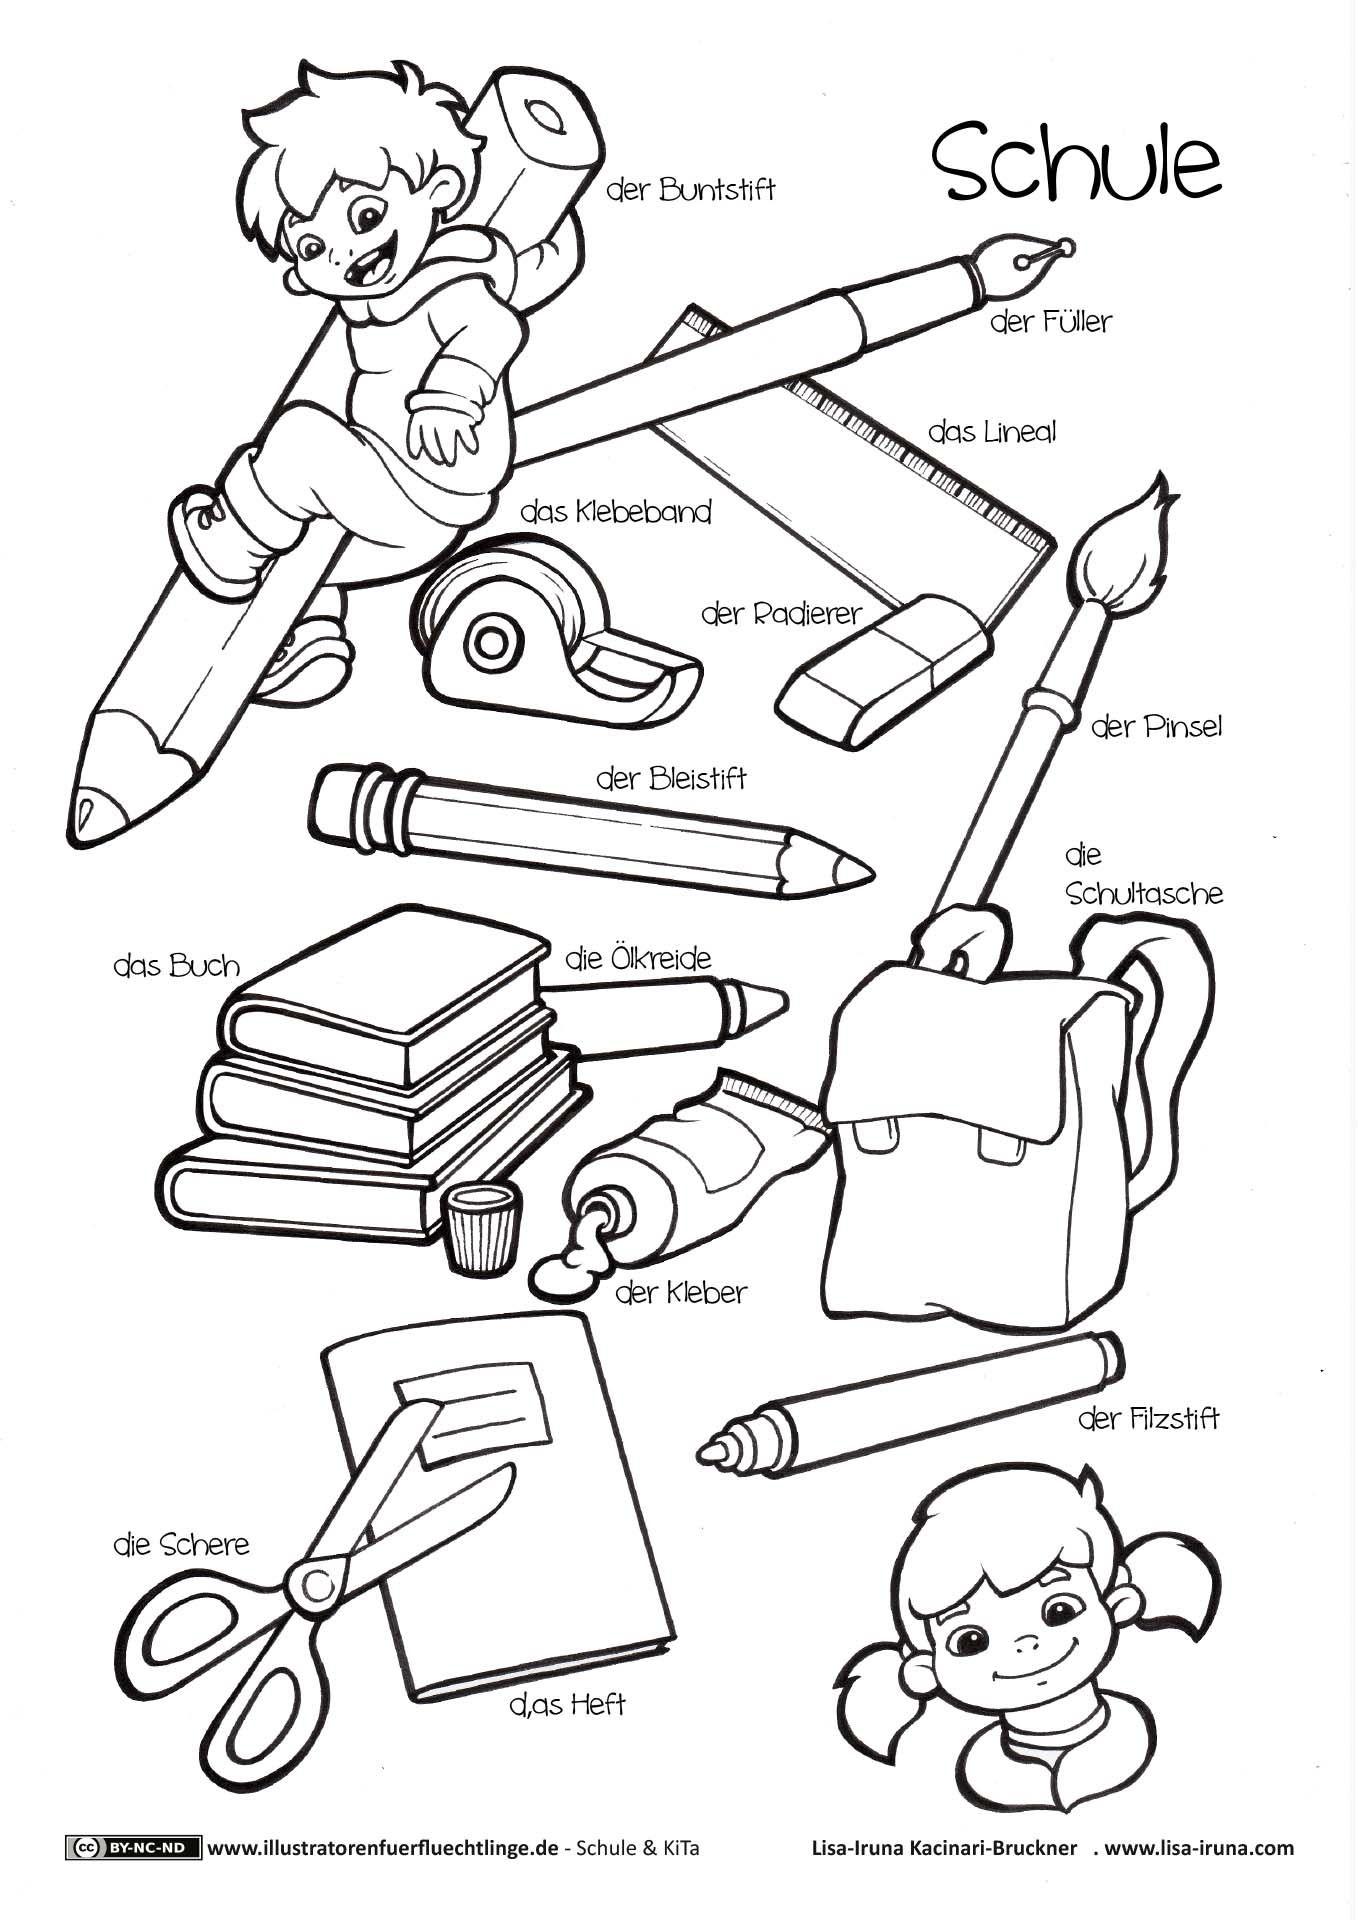 download als pdf schule und kita schulsachen schreibzeug kacinari bruckner n met. Black Bedroom Furniture Sets. Home Design Ideas